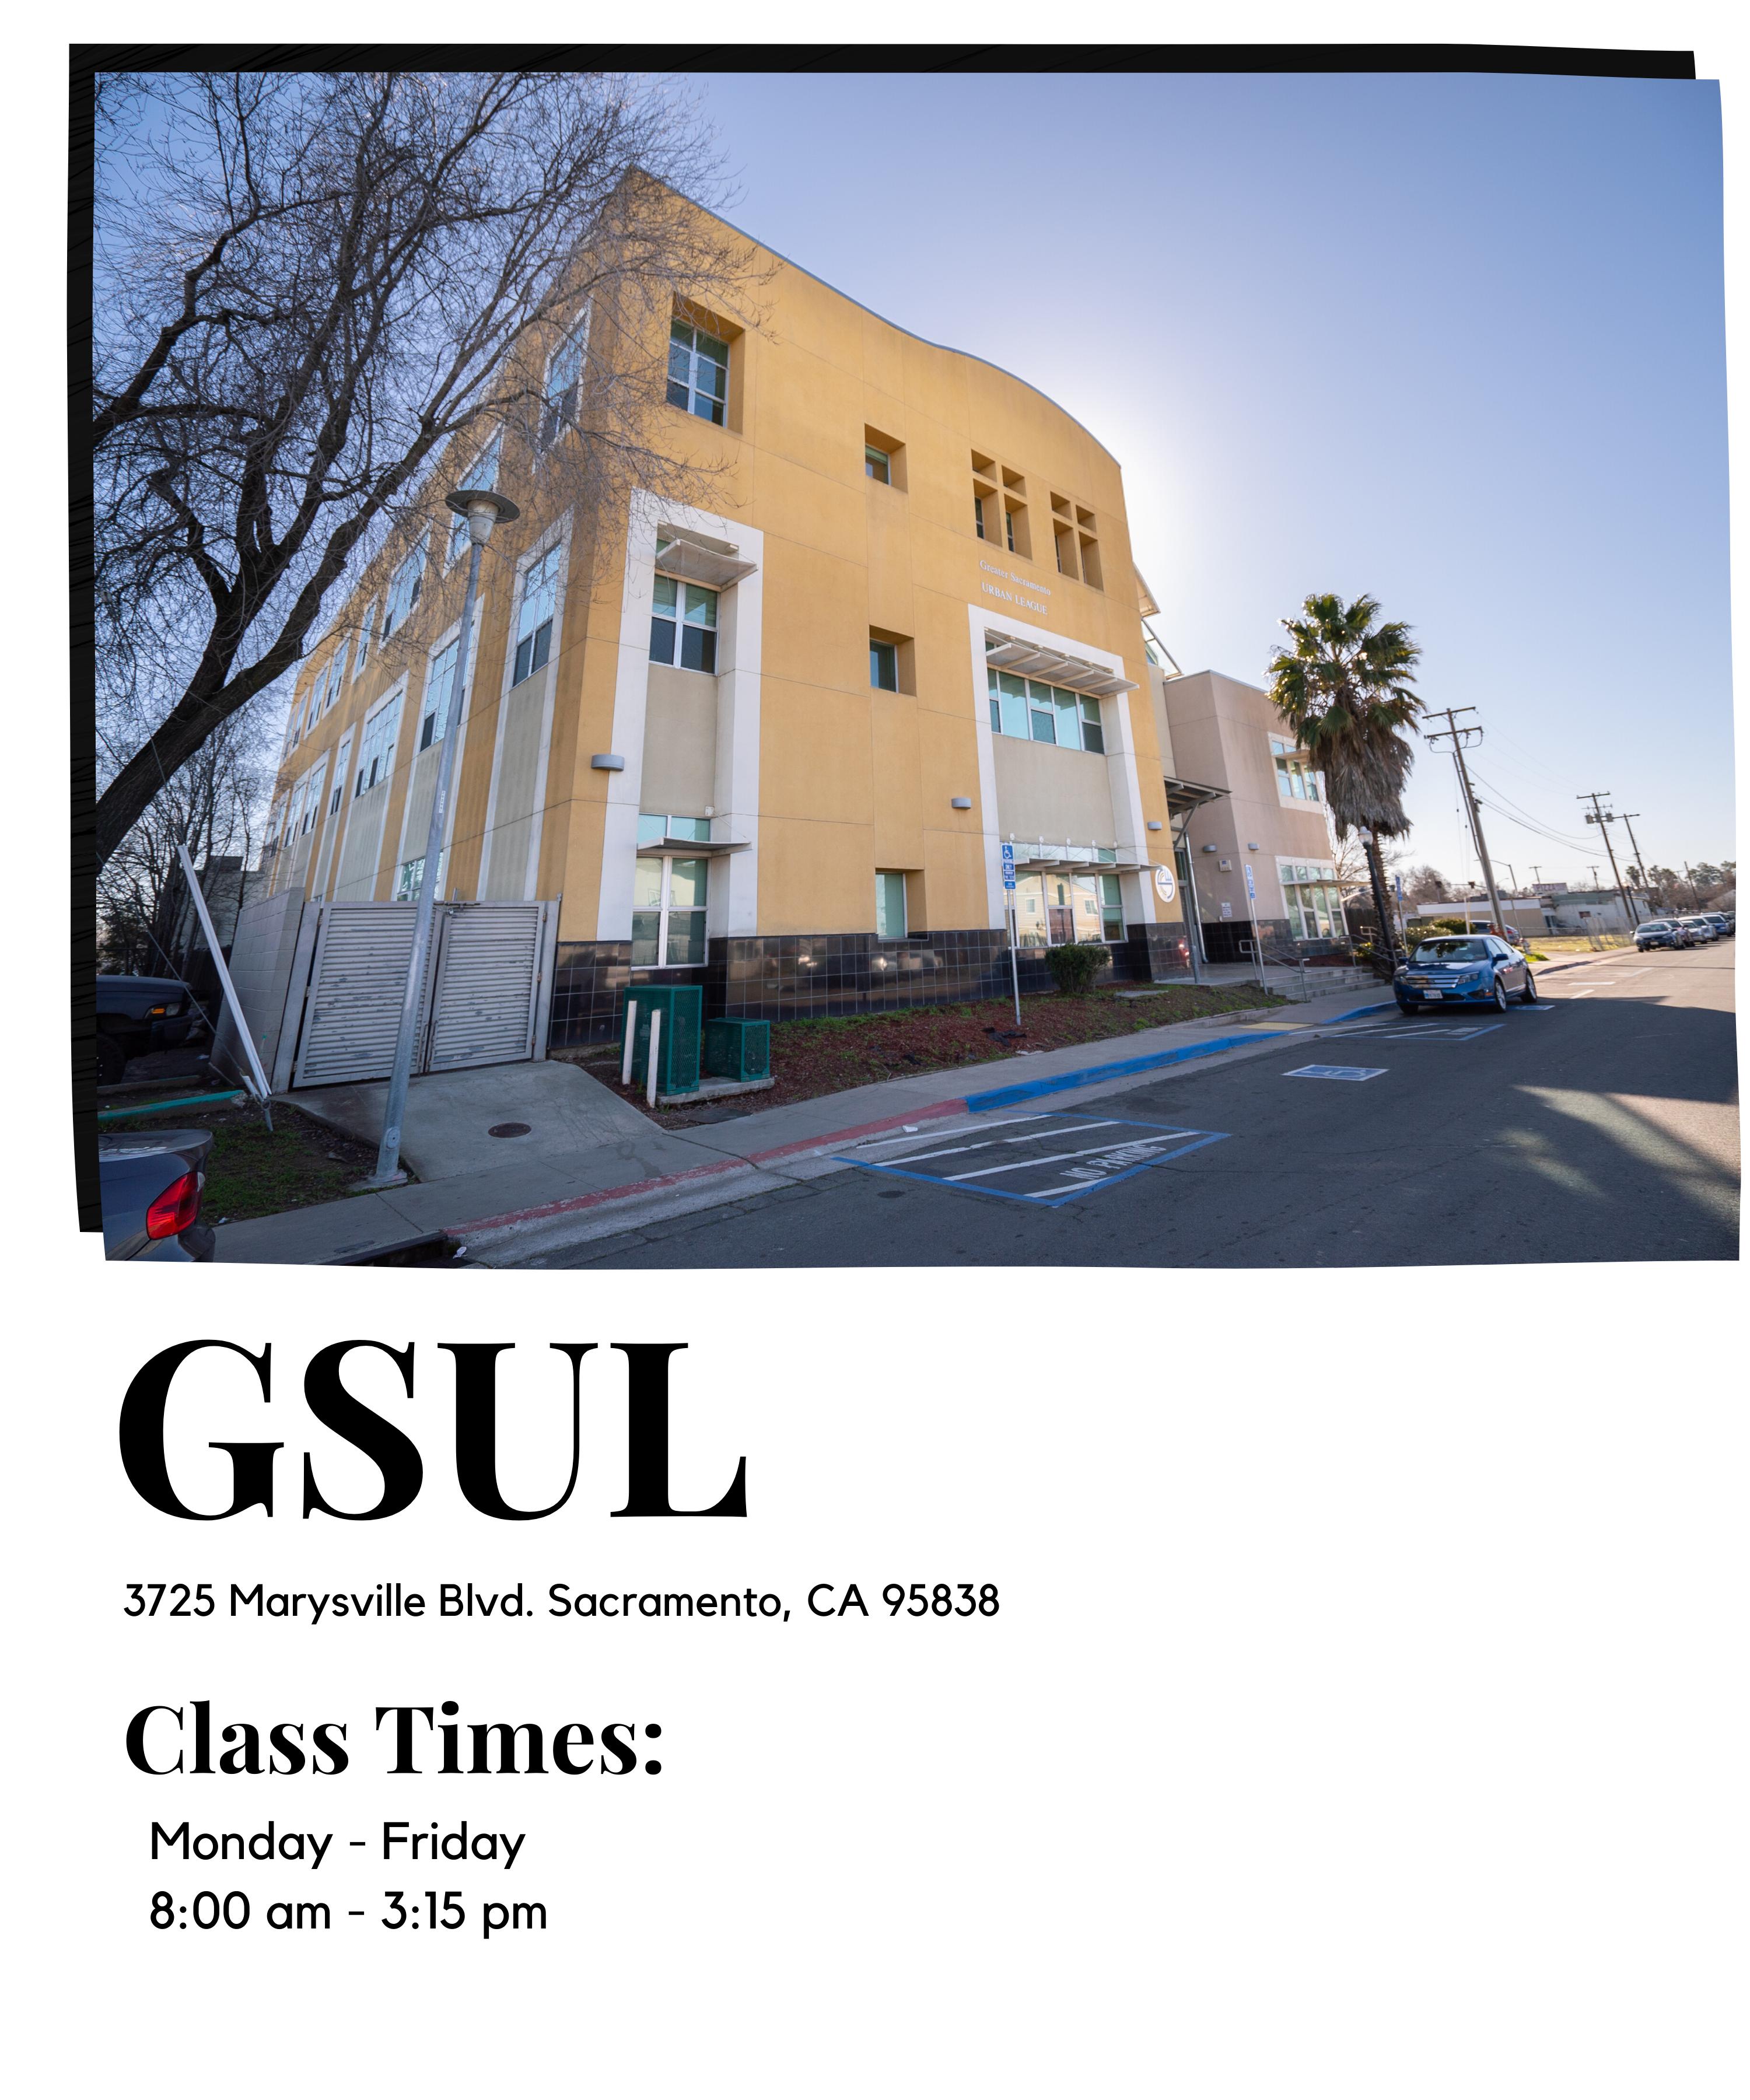 gsul building